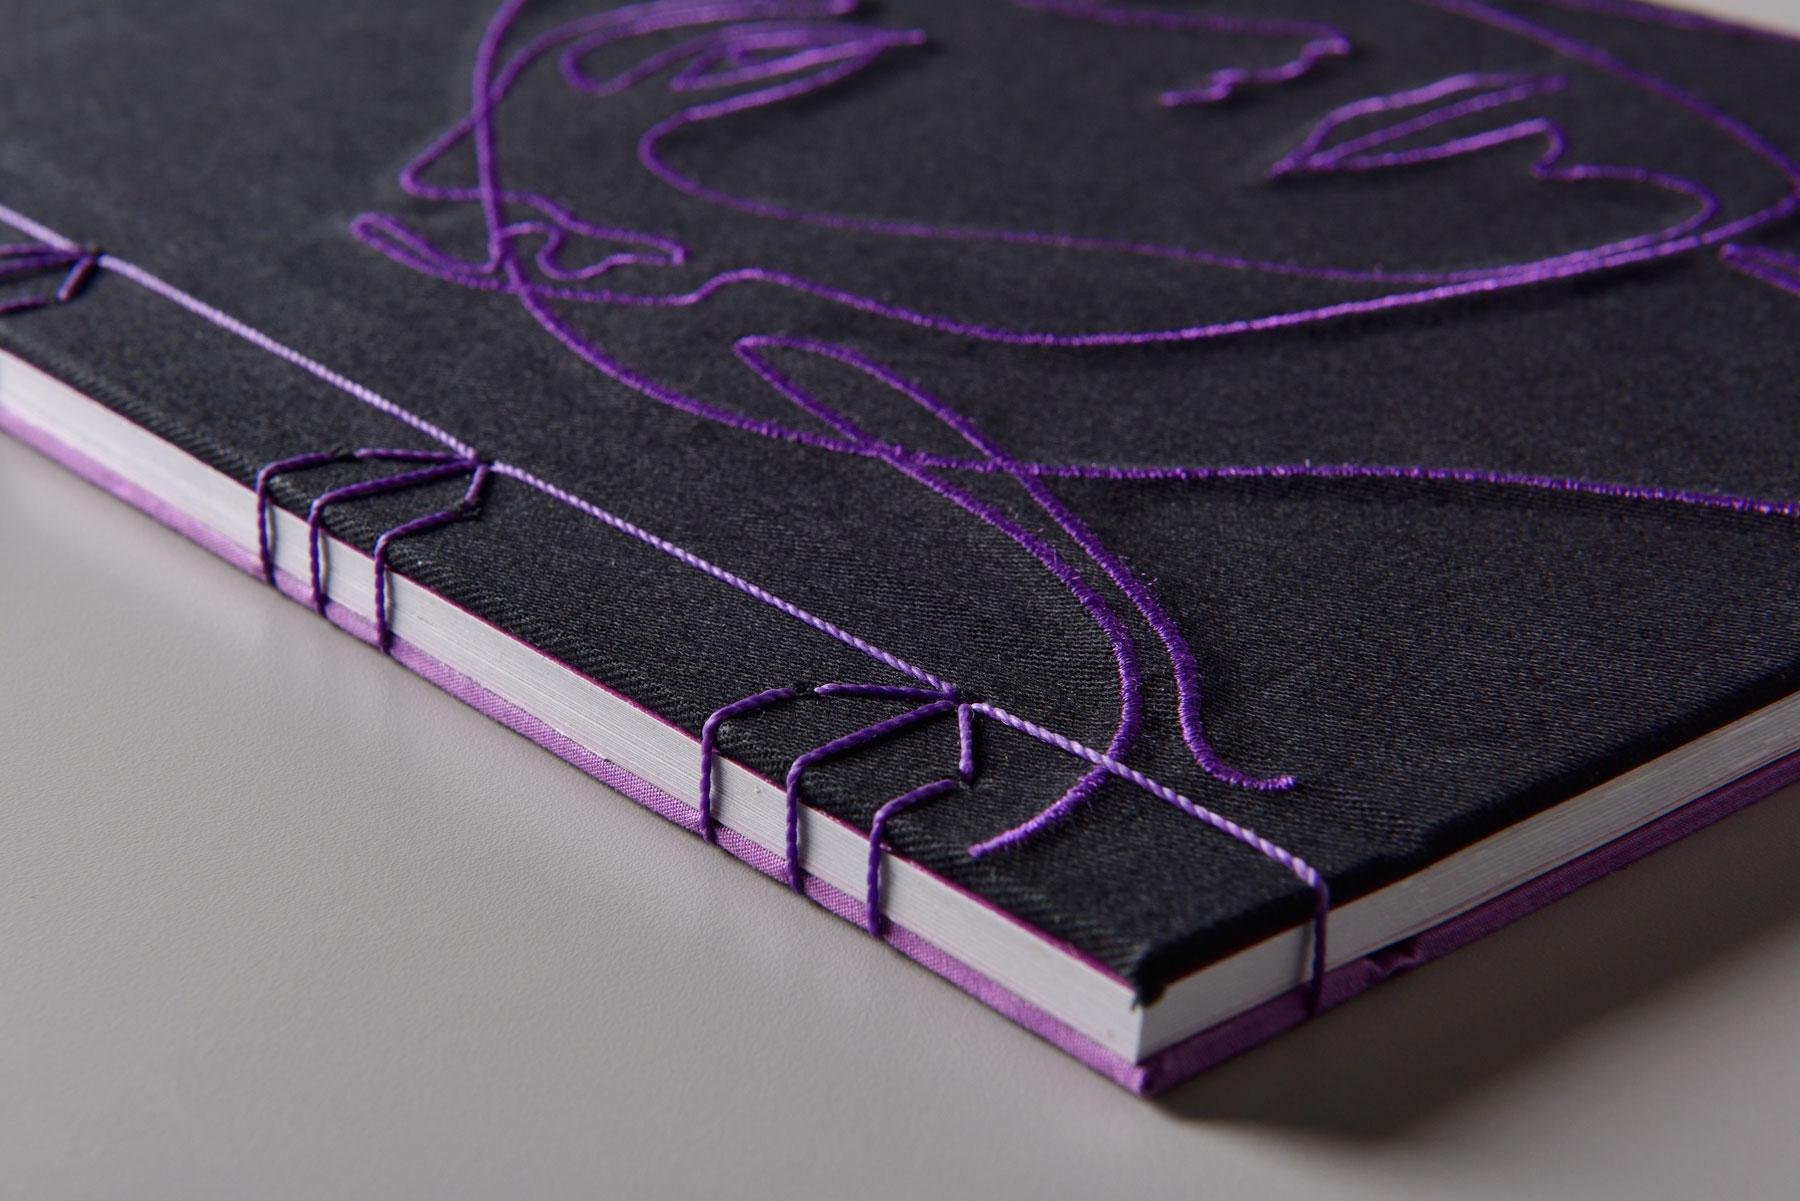 Costura japonesa, encadernação artesanal, livro de arte, livro especial, editora de arte